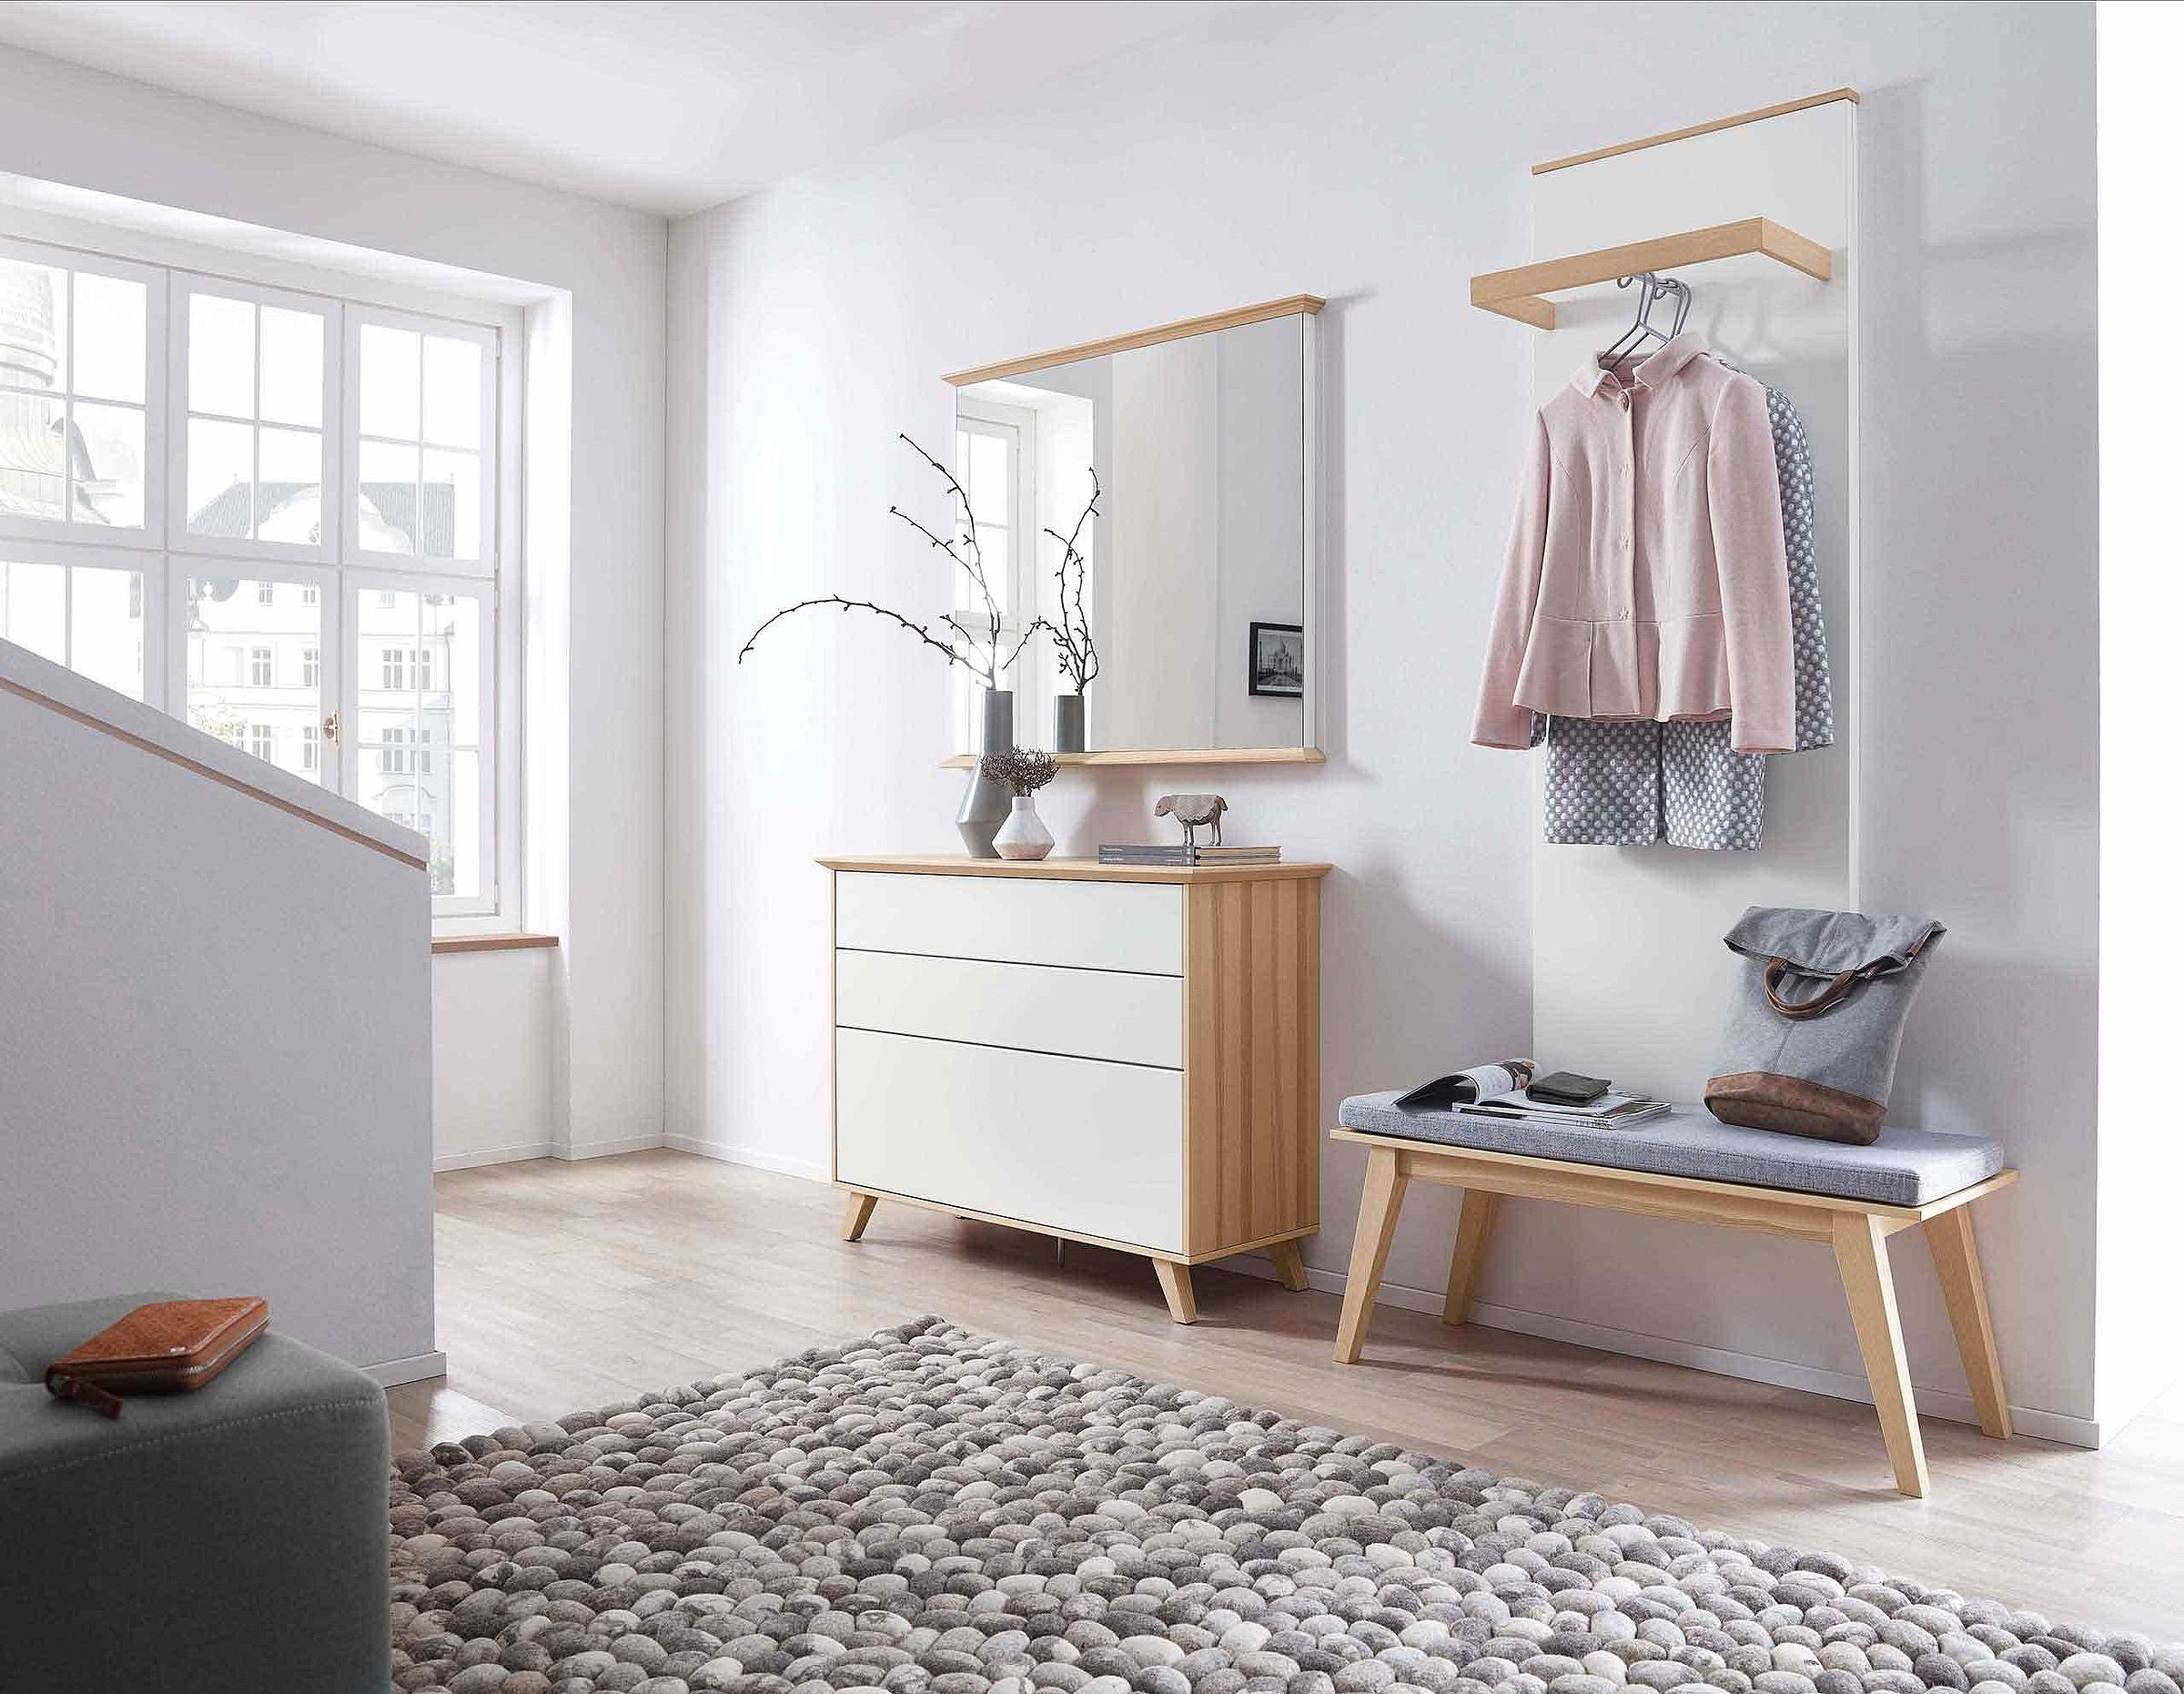 Schuhschrank Sitzbank Spiegel Garderobe Deviso